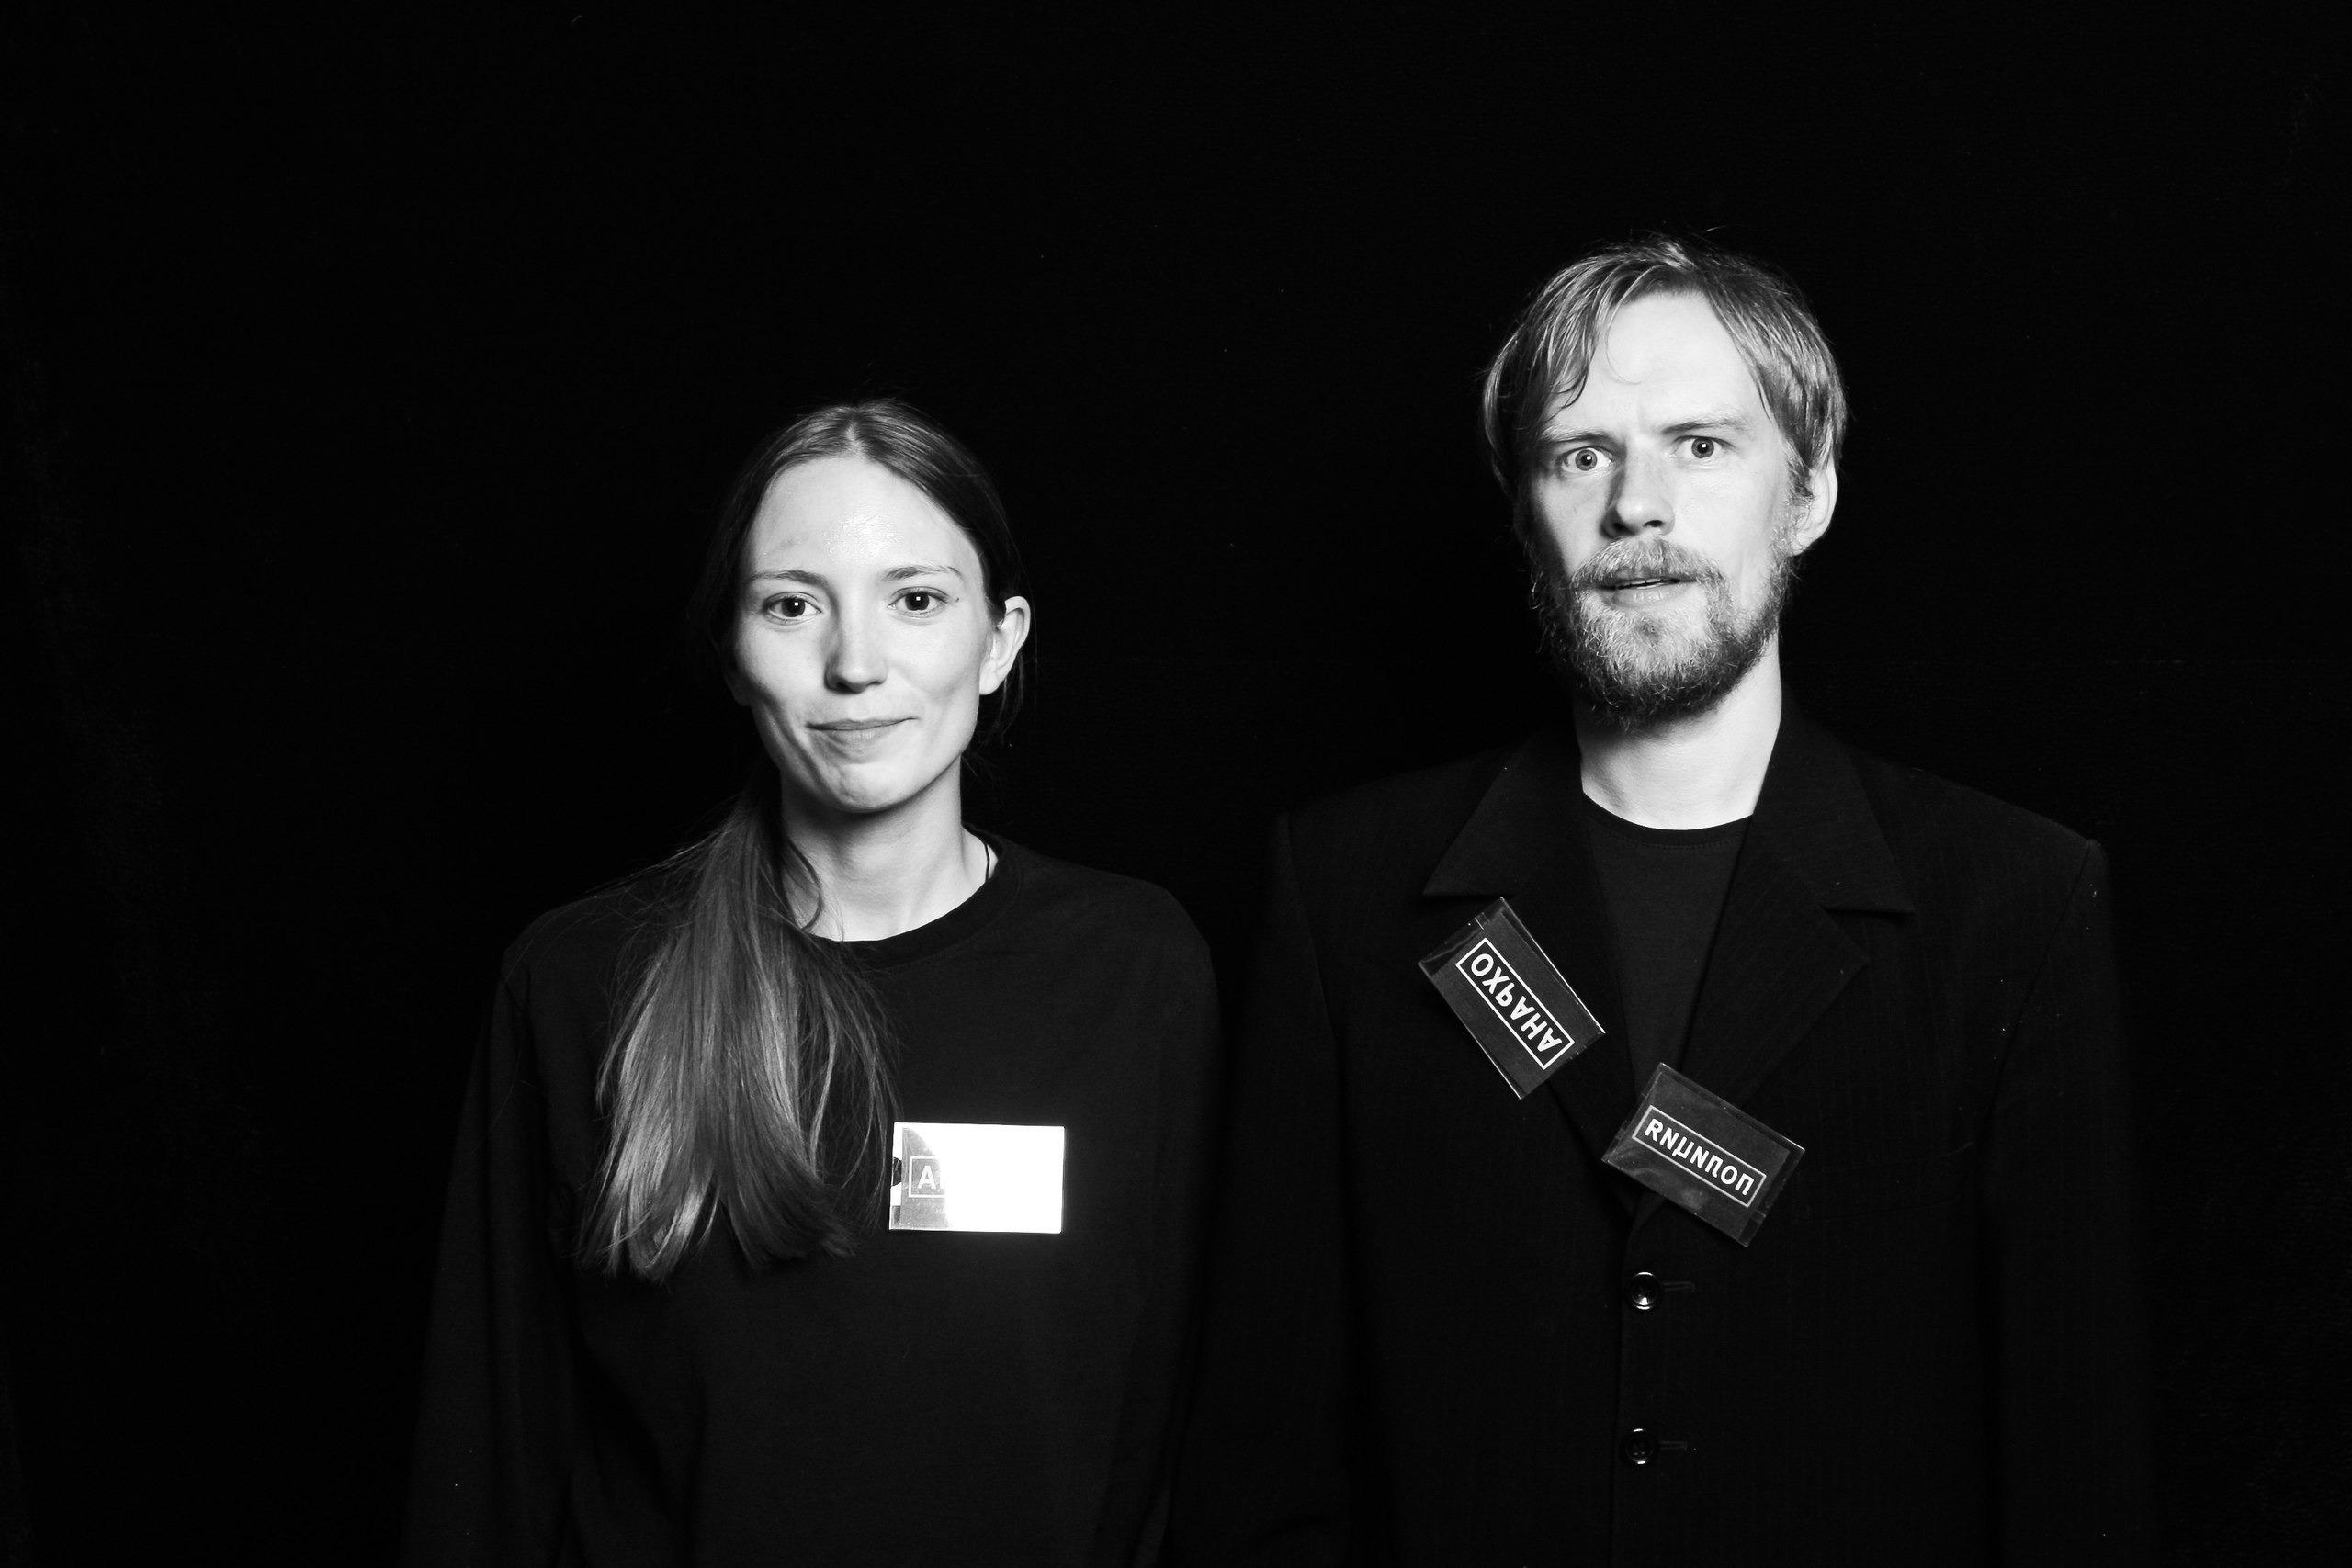 Дарья Апахончич и Макс Стропов, фото из VK